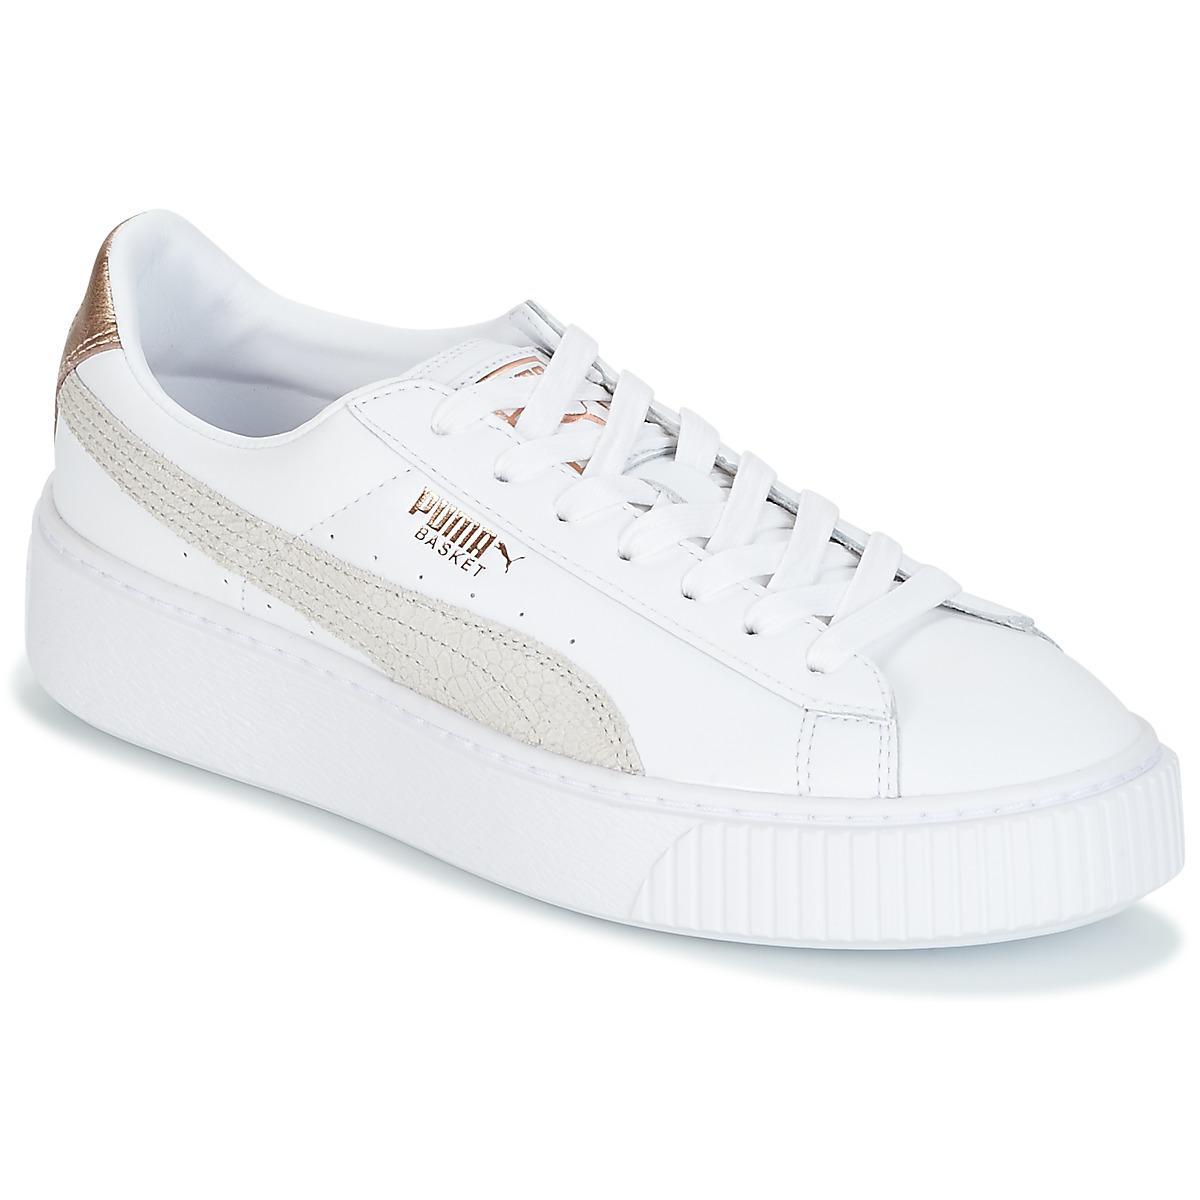 Basket Femmes Euphoria Platform Chaussures Blanc En FKTl1Jc